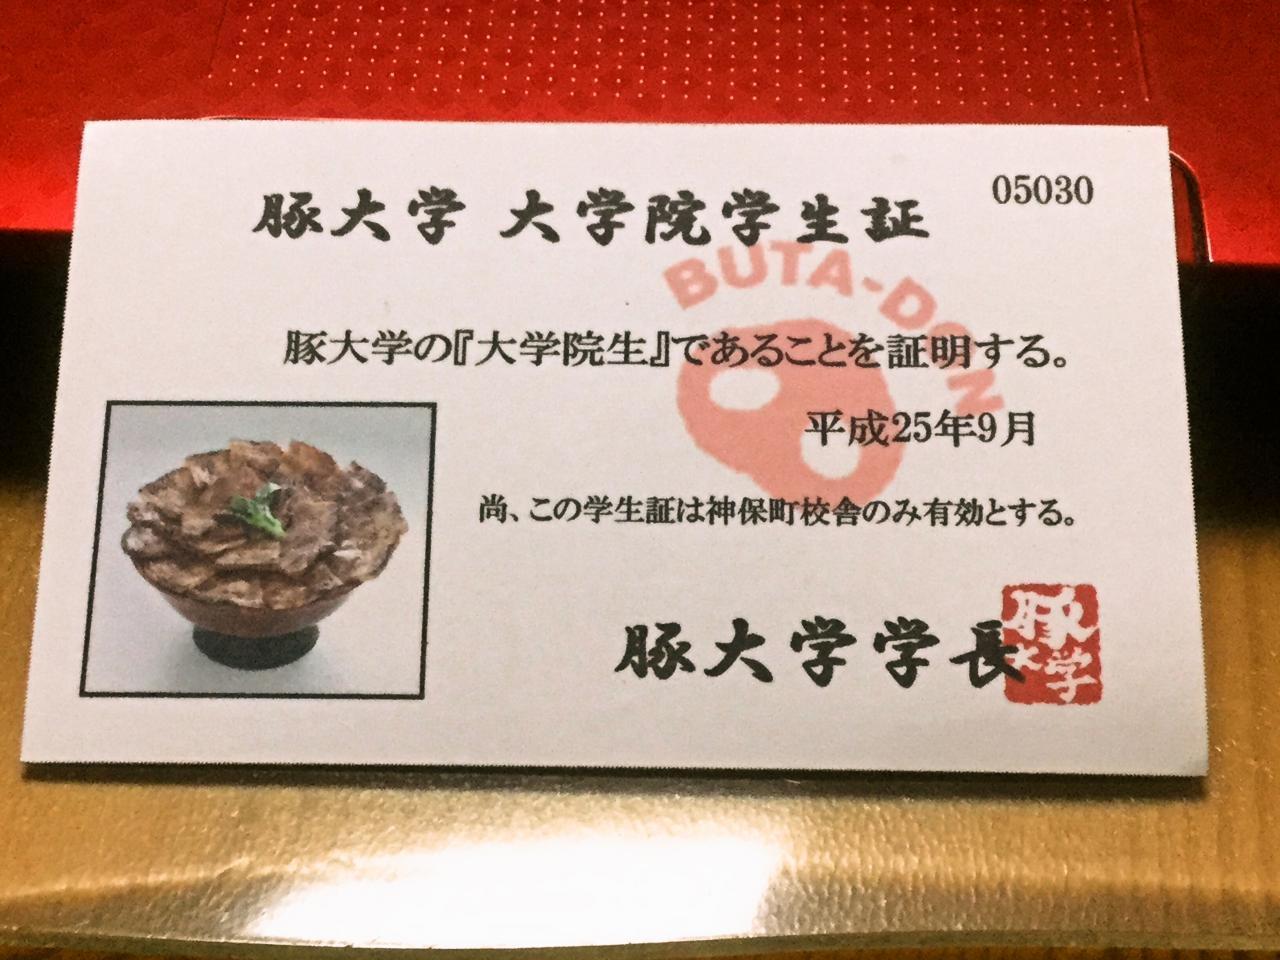 豚大学 神保町校舎(豚丼(博士))